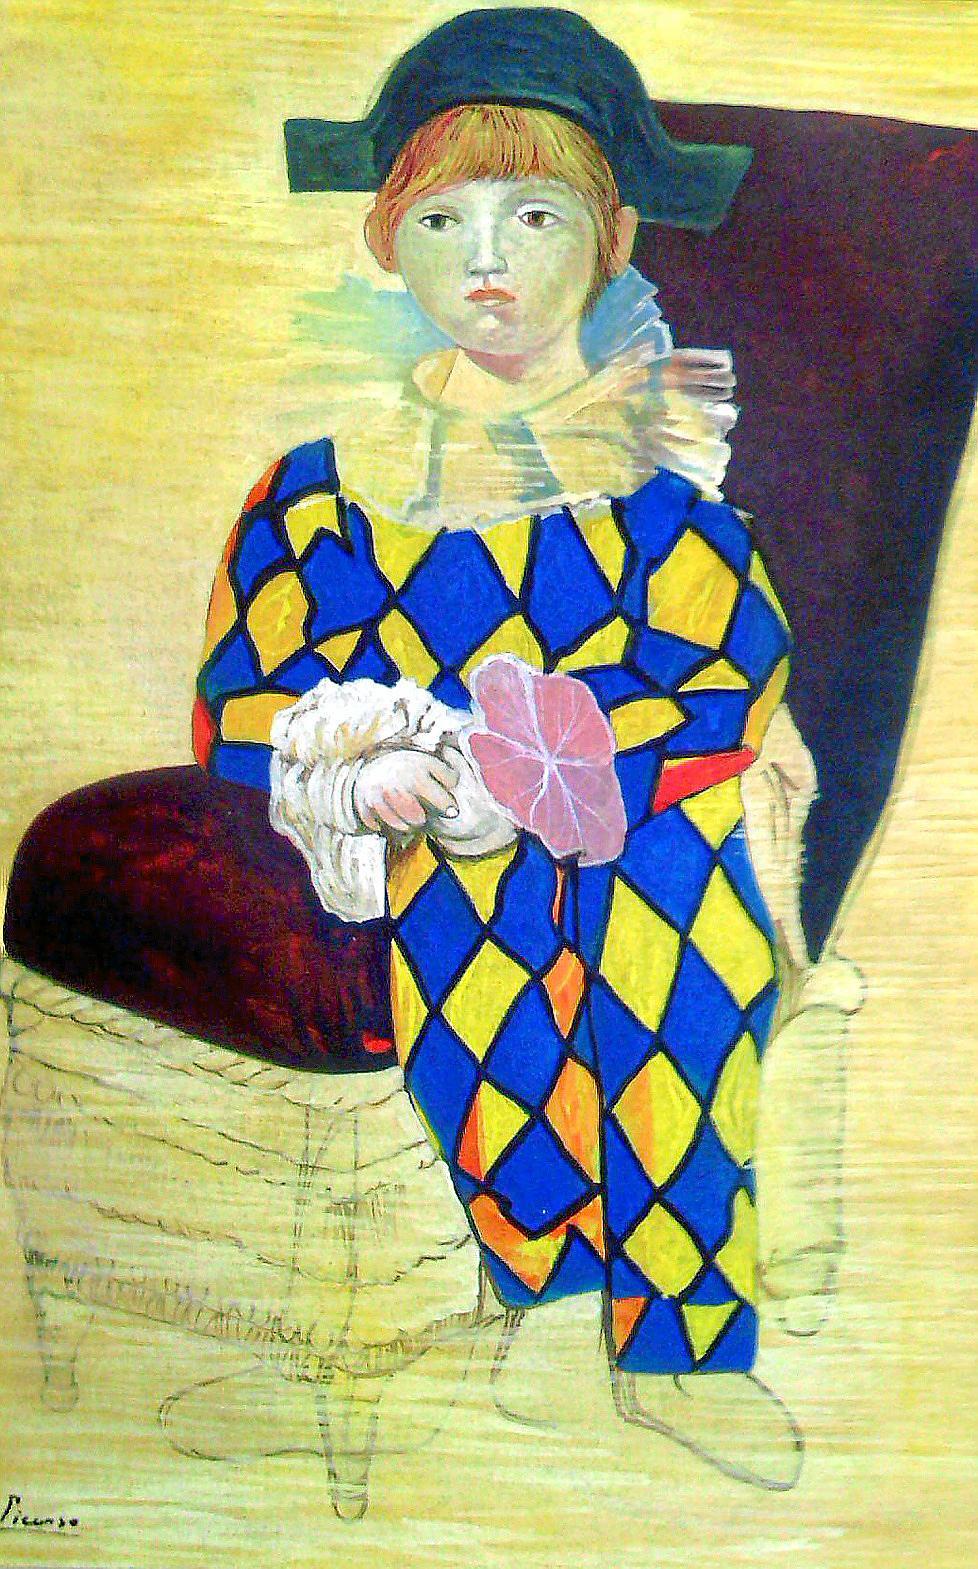 A Picasso by Elmyr de Hory